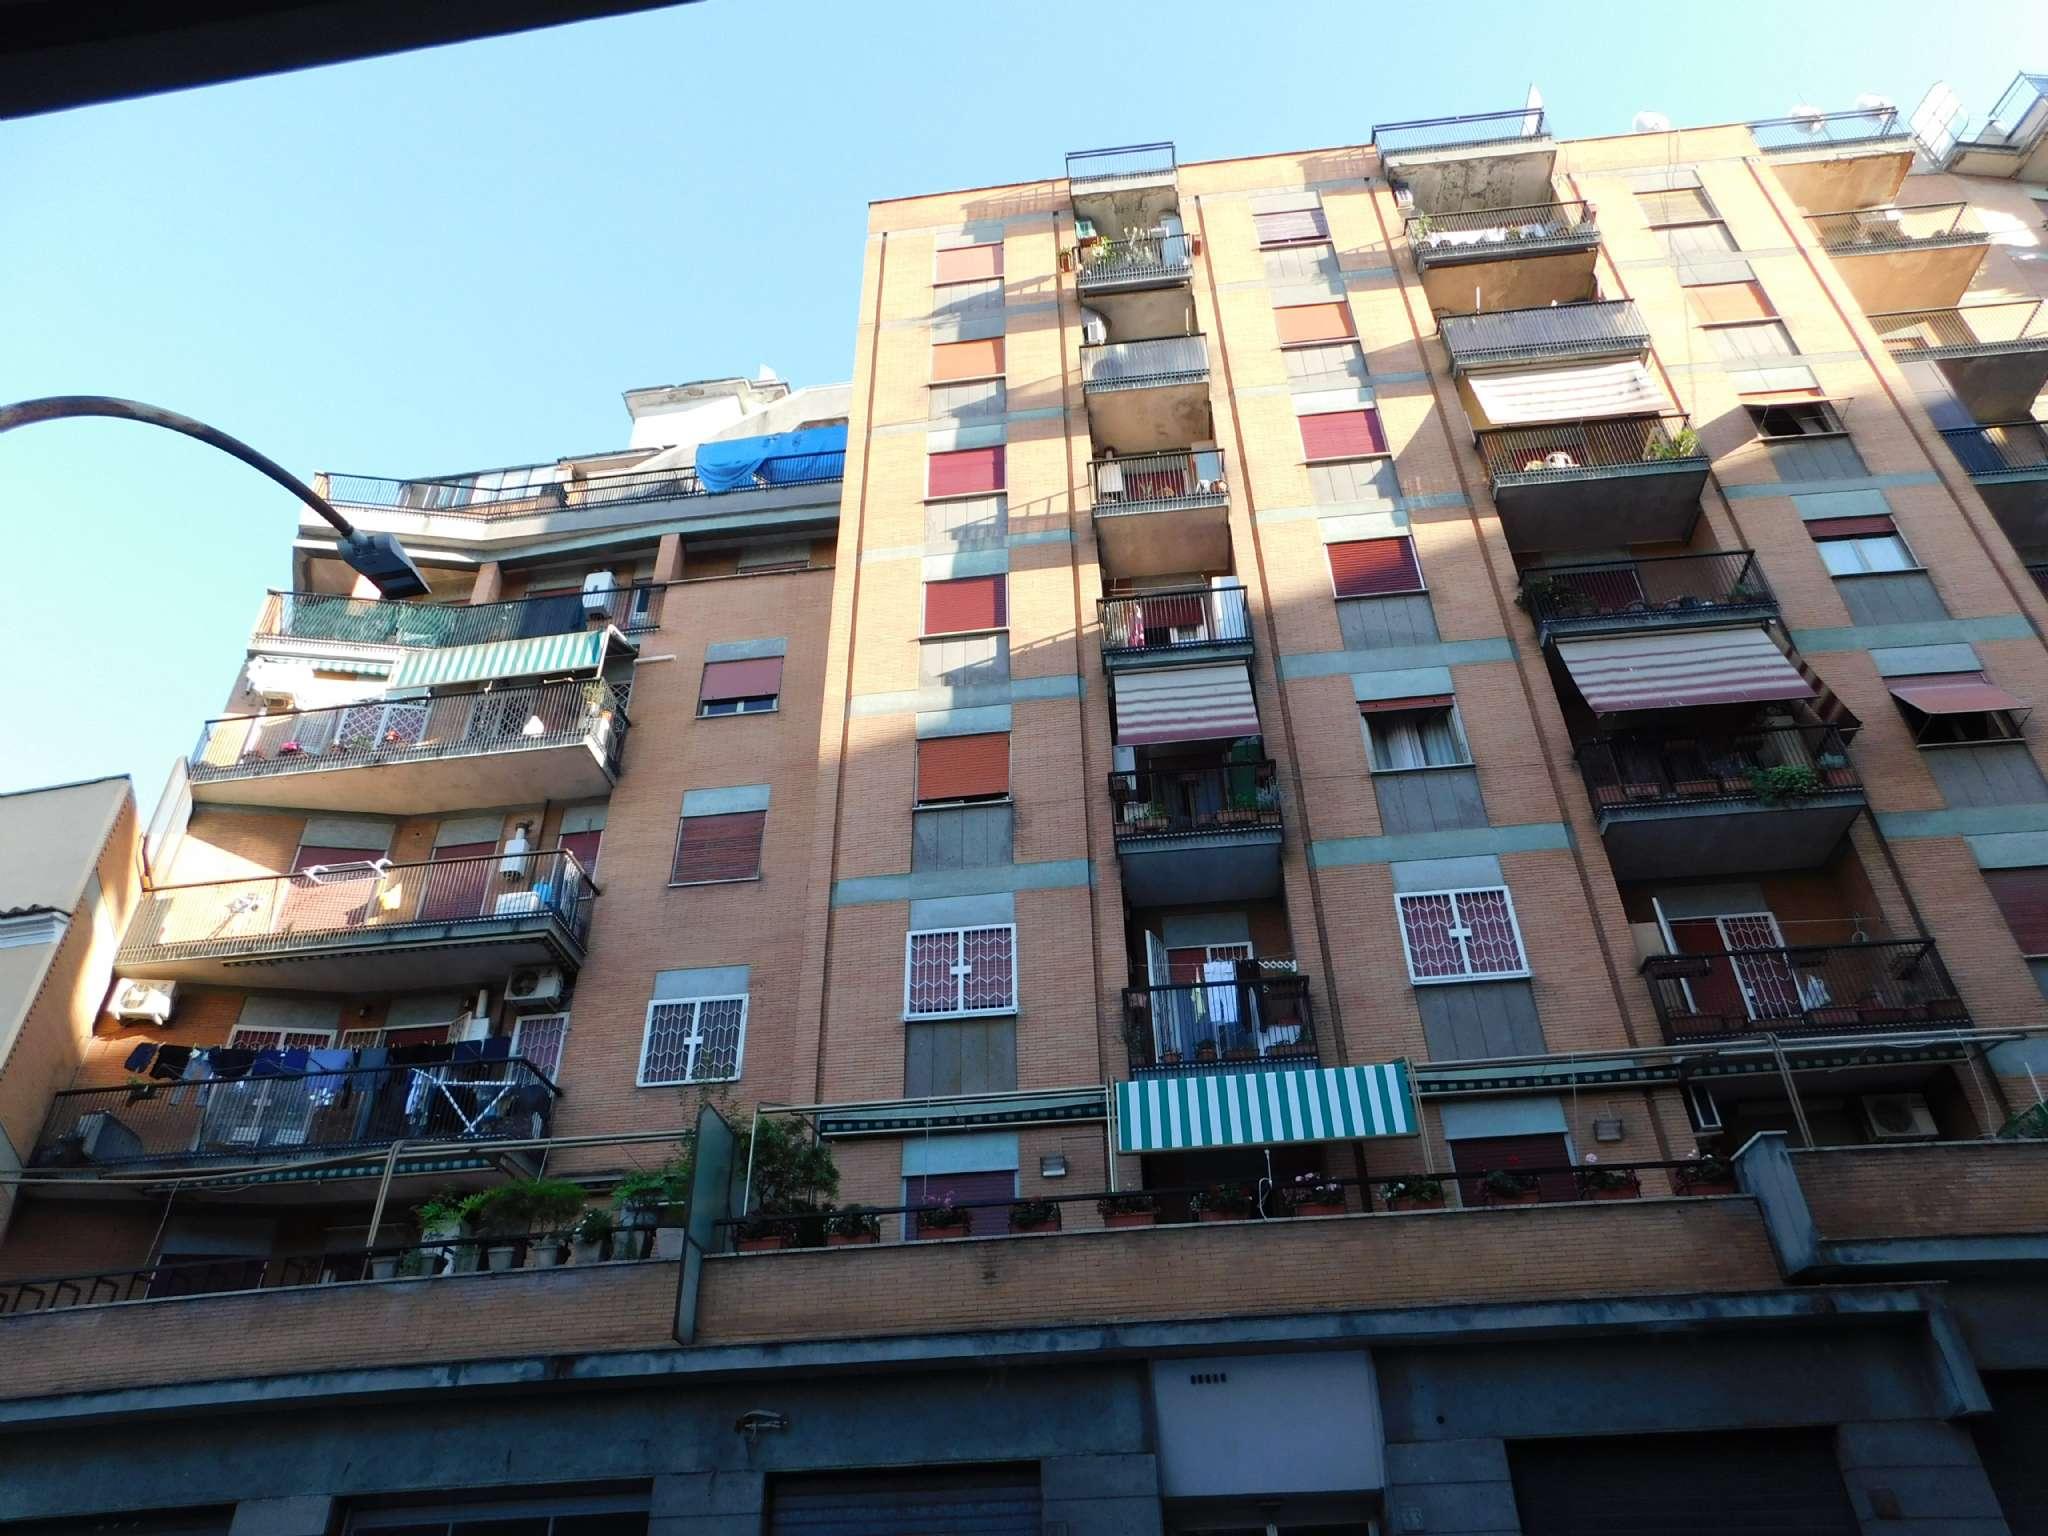 Attico / Mansarda in vendita a Roma, 4 locali, zona Zona: 10 . Pigneto, Largo Preneste, prezzo € 315.000 | CambioCasa.it